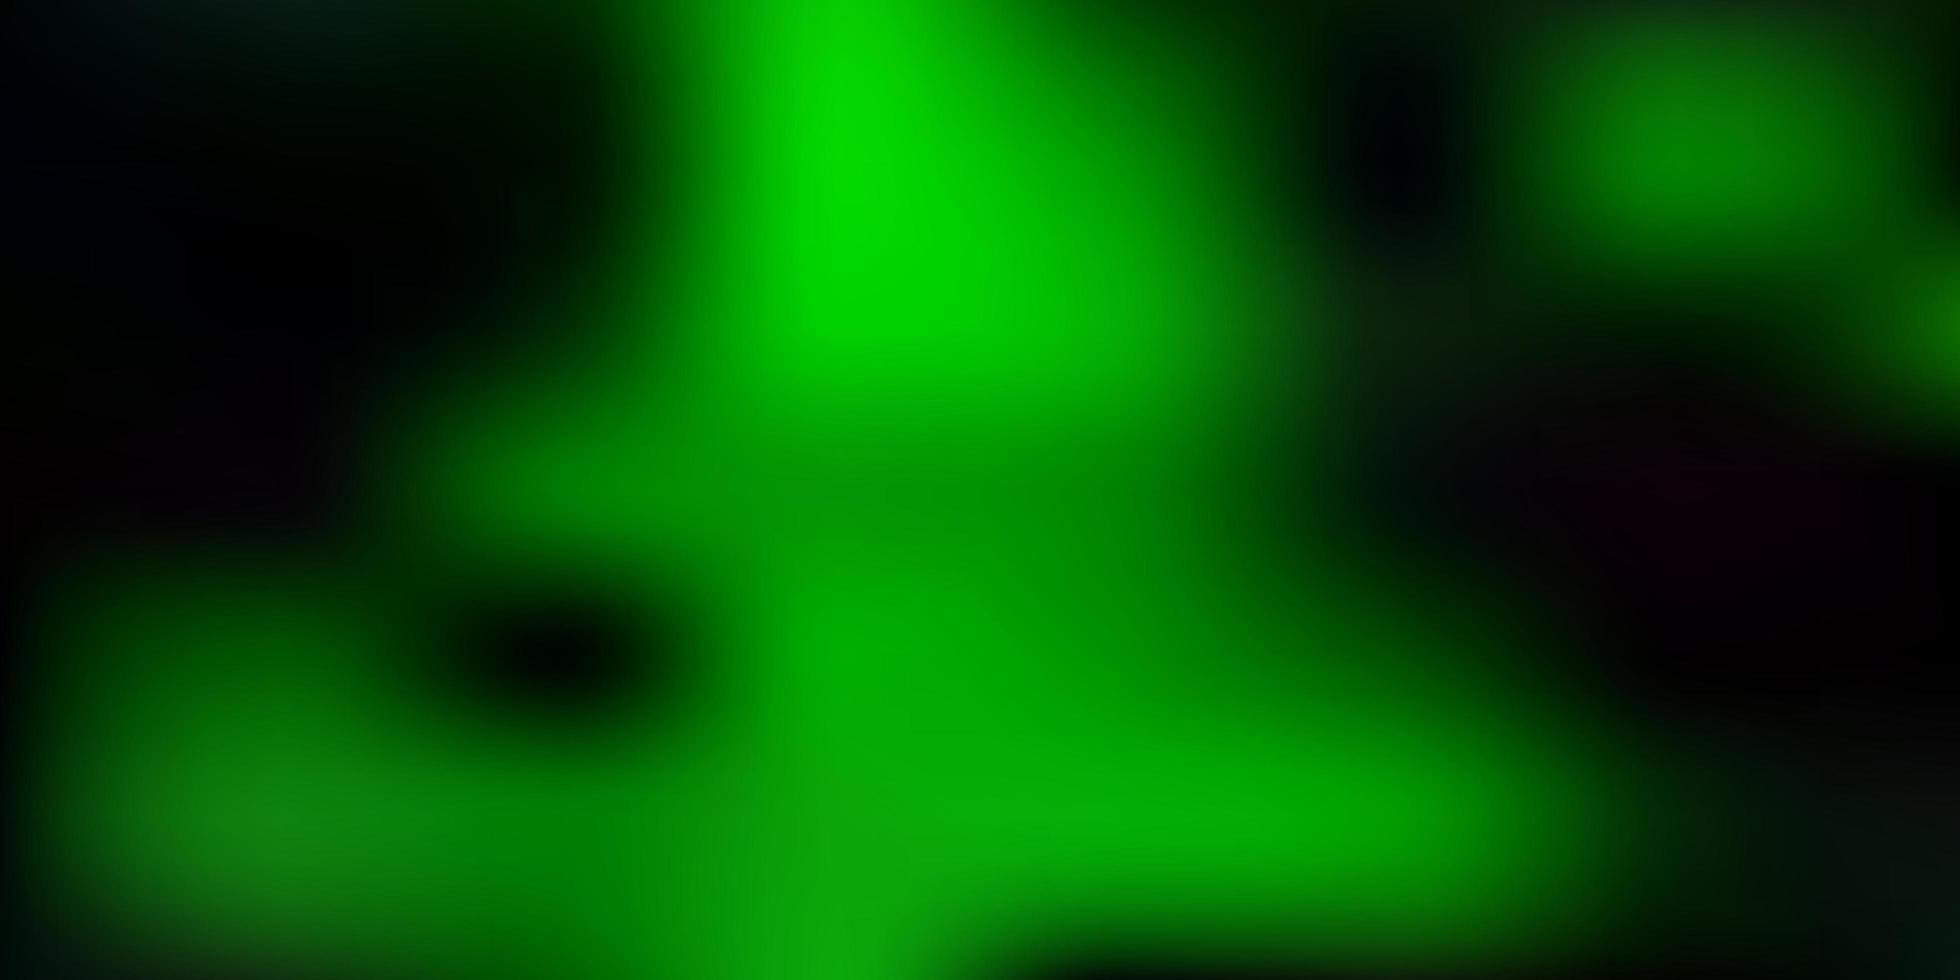 grönt lutningsmönster. vektor